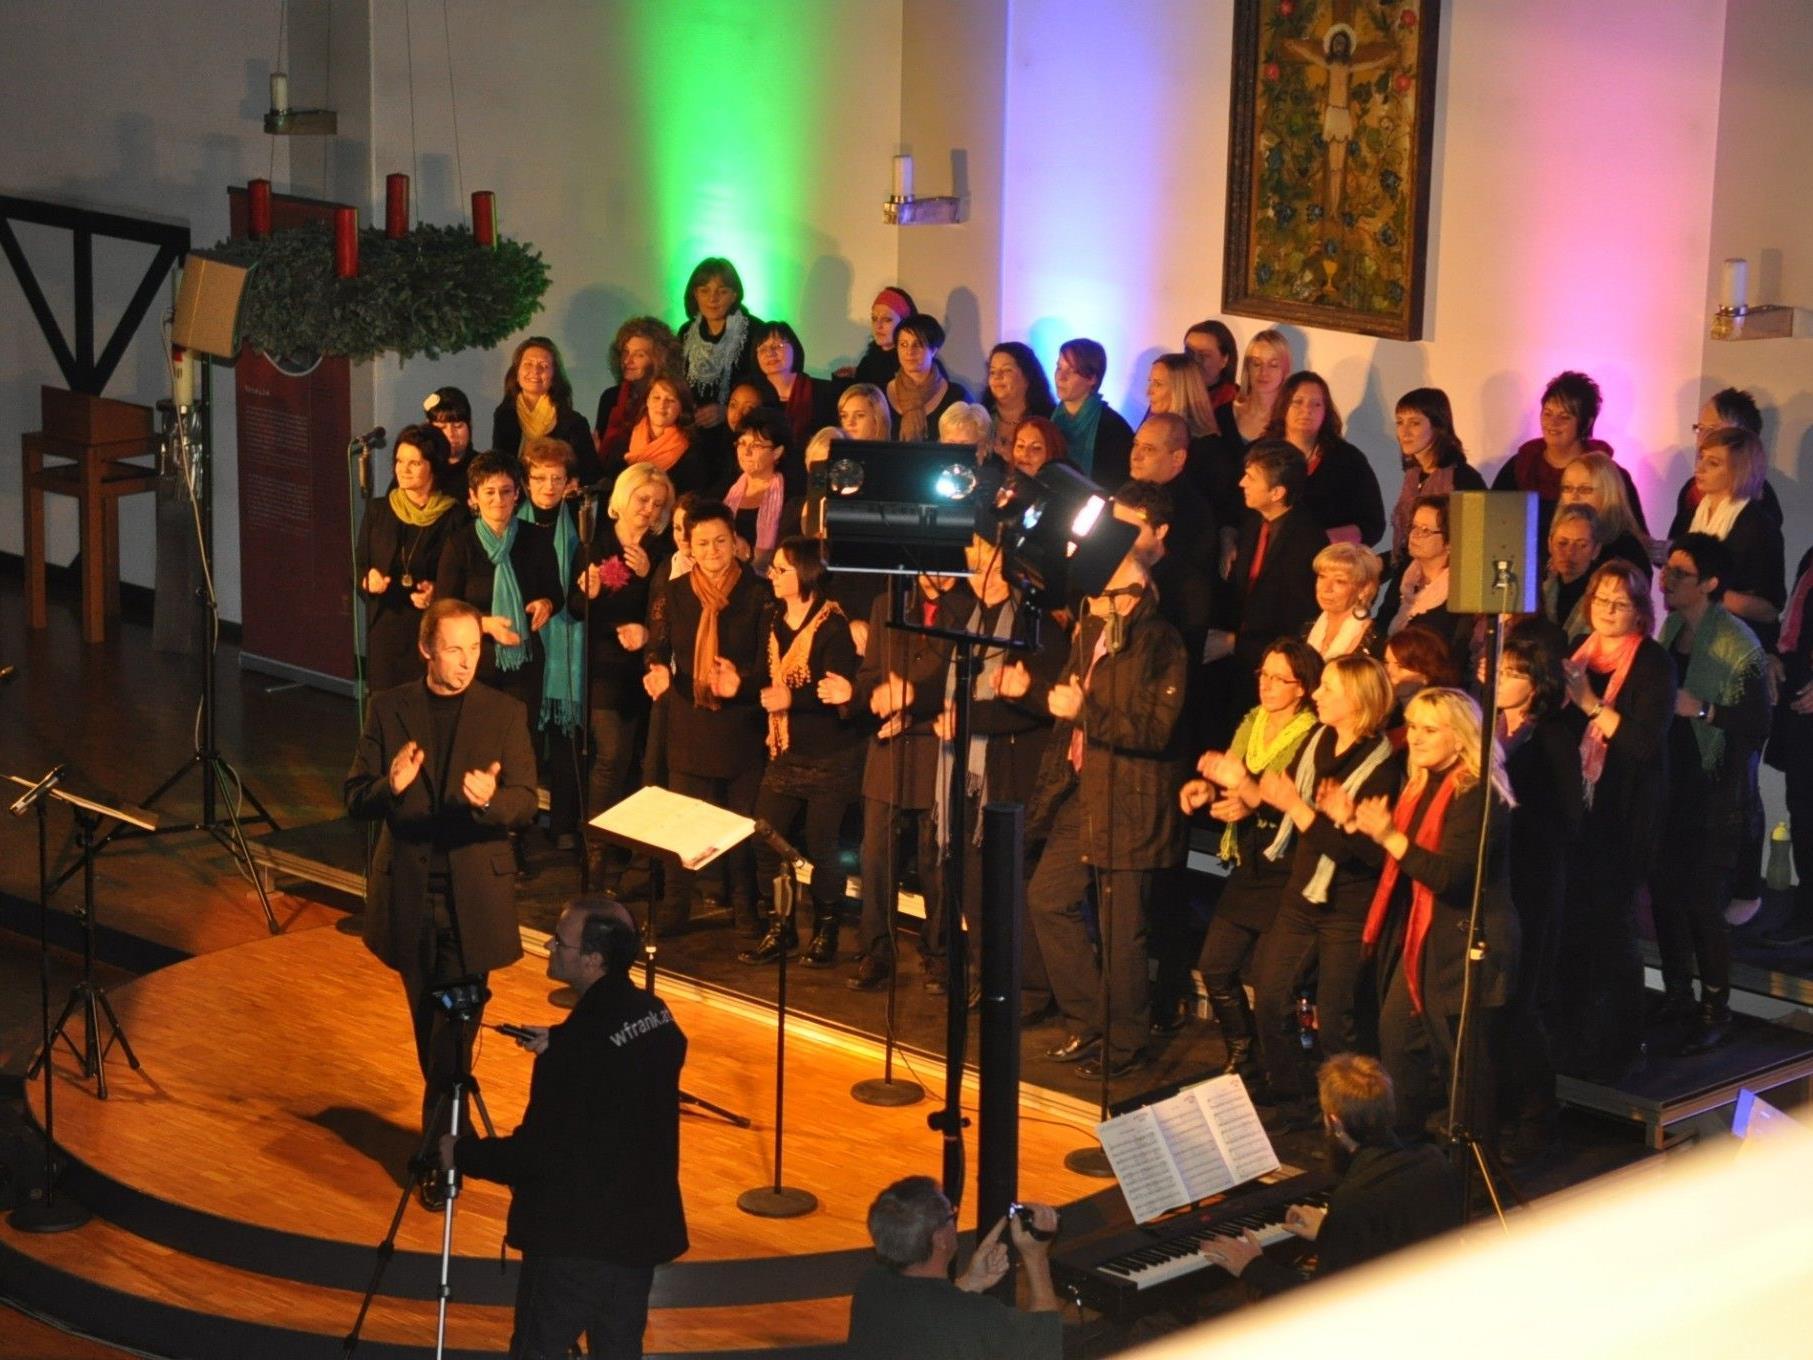 """Die """"gospel-family by g.a. mathis"""" lädt mit mitreißenden Gospel-Liedern zur zweiten Konzertreihe."""